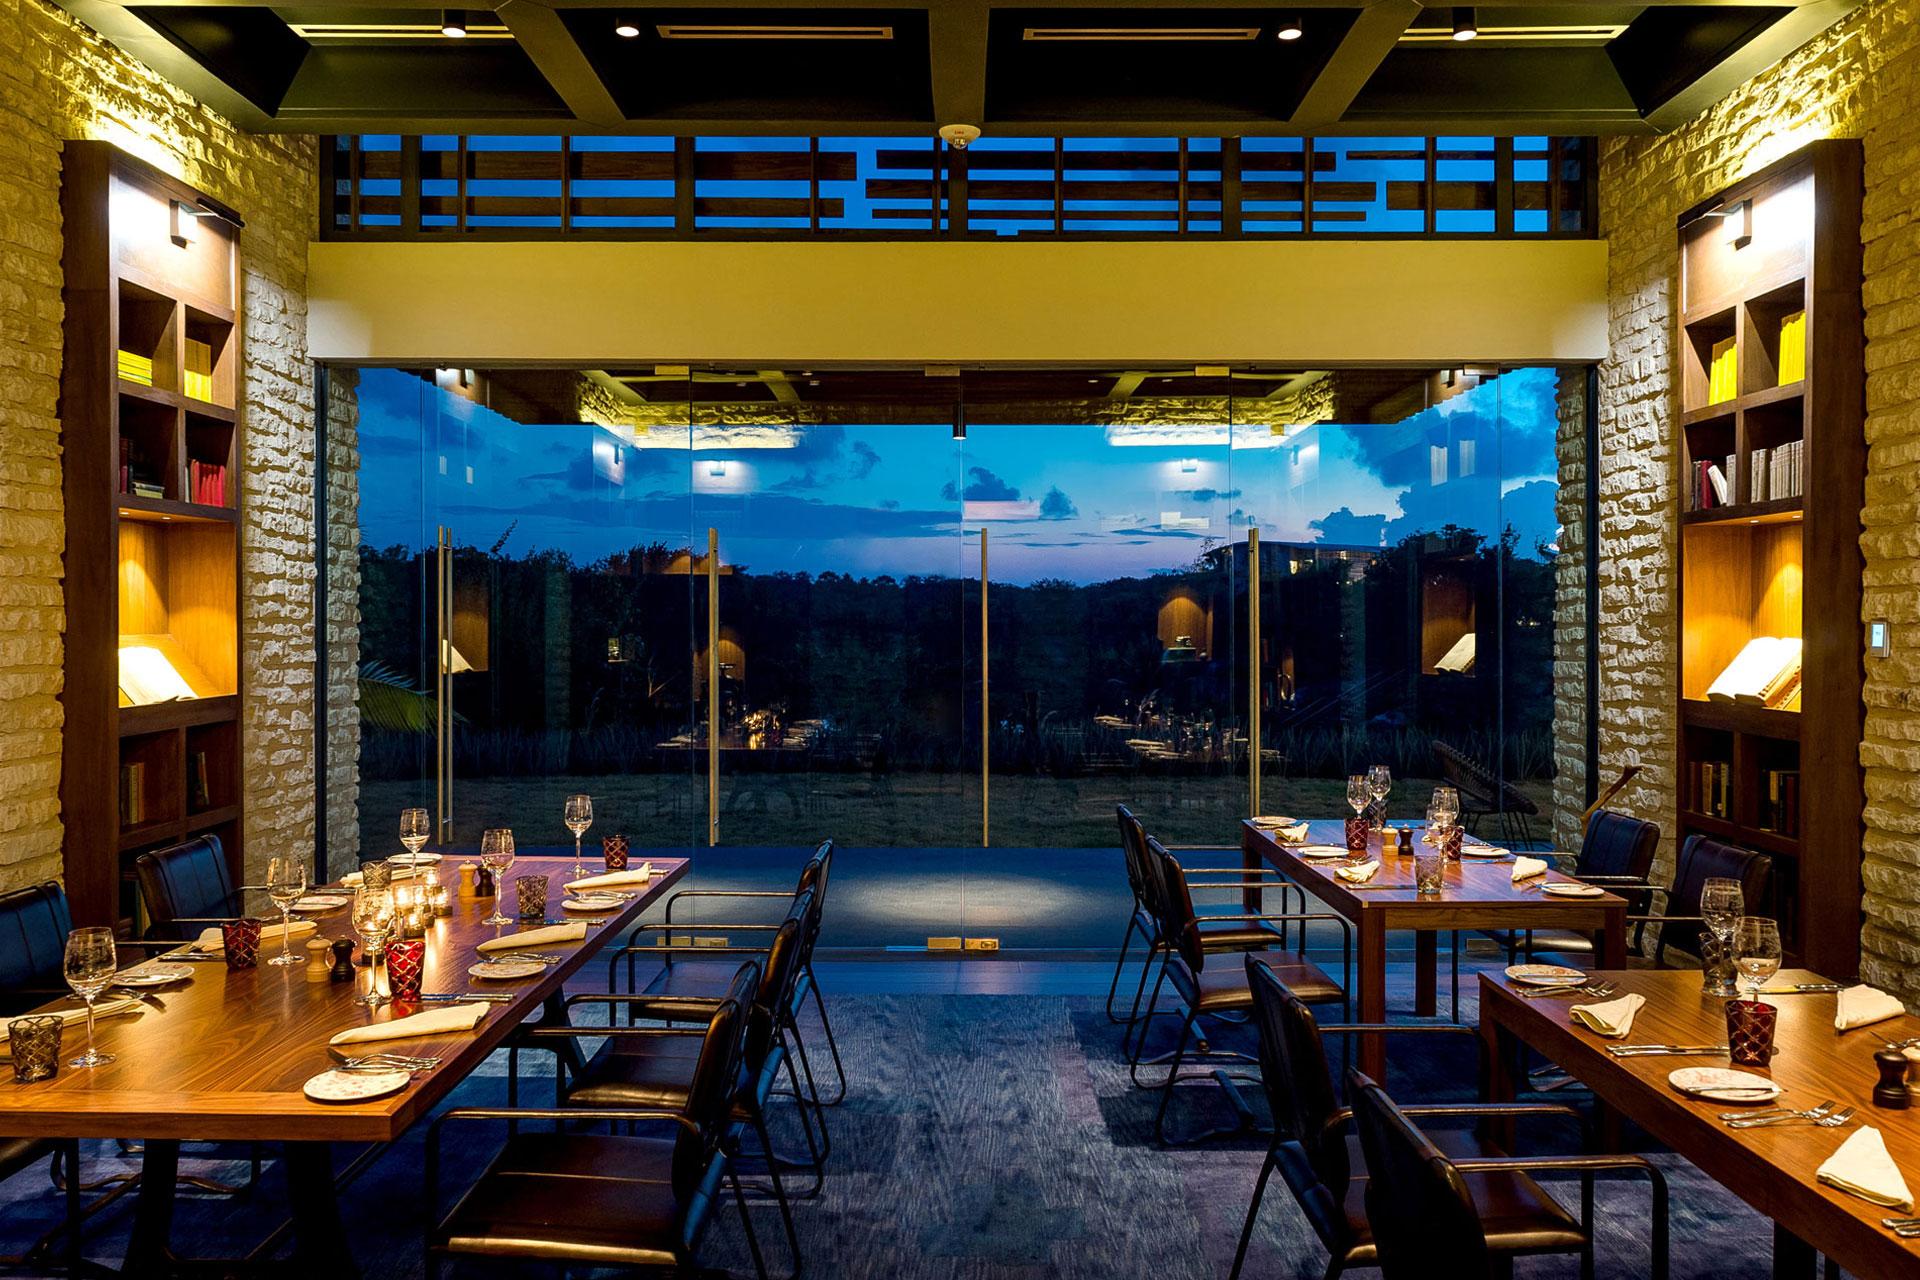 Casa Amate restaurant design